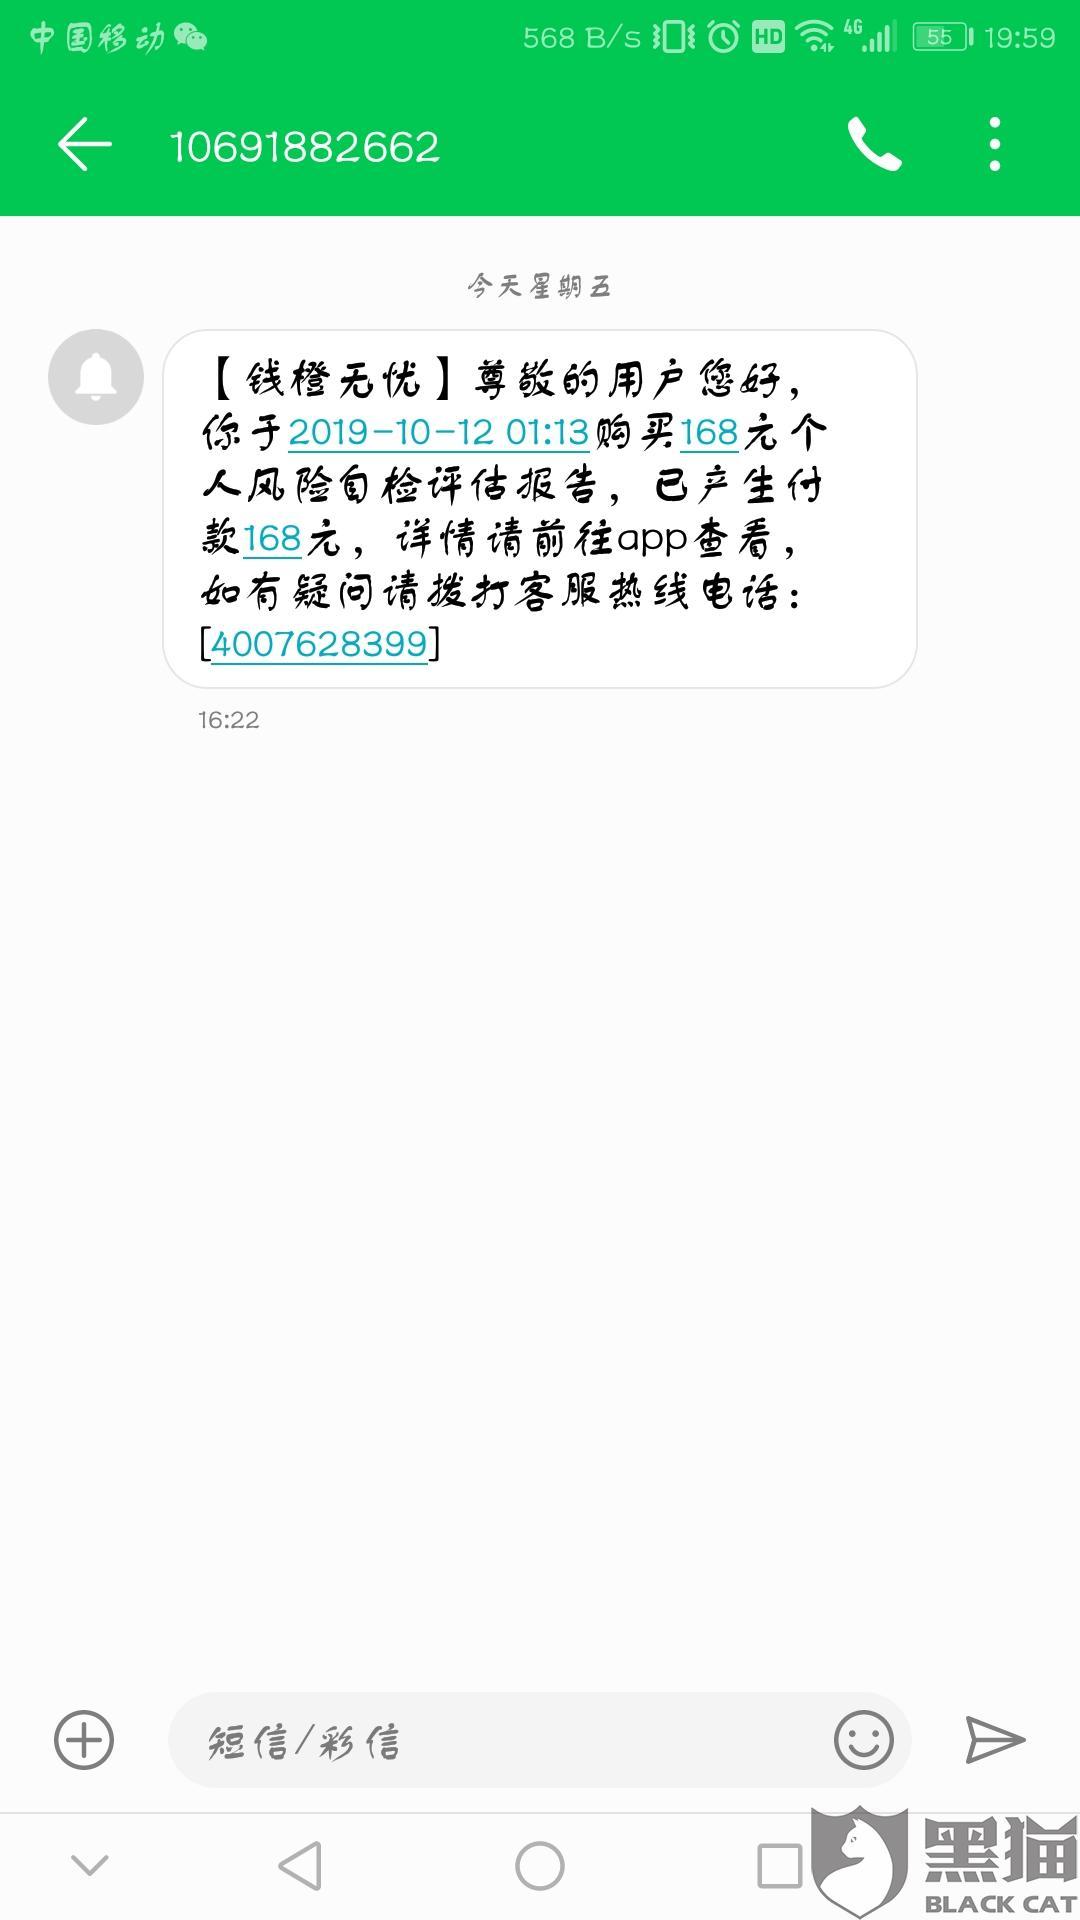 黑猫投诉:钱橙无忧app填写一下资料审核自动生成恶意款项